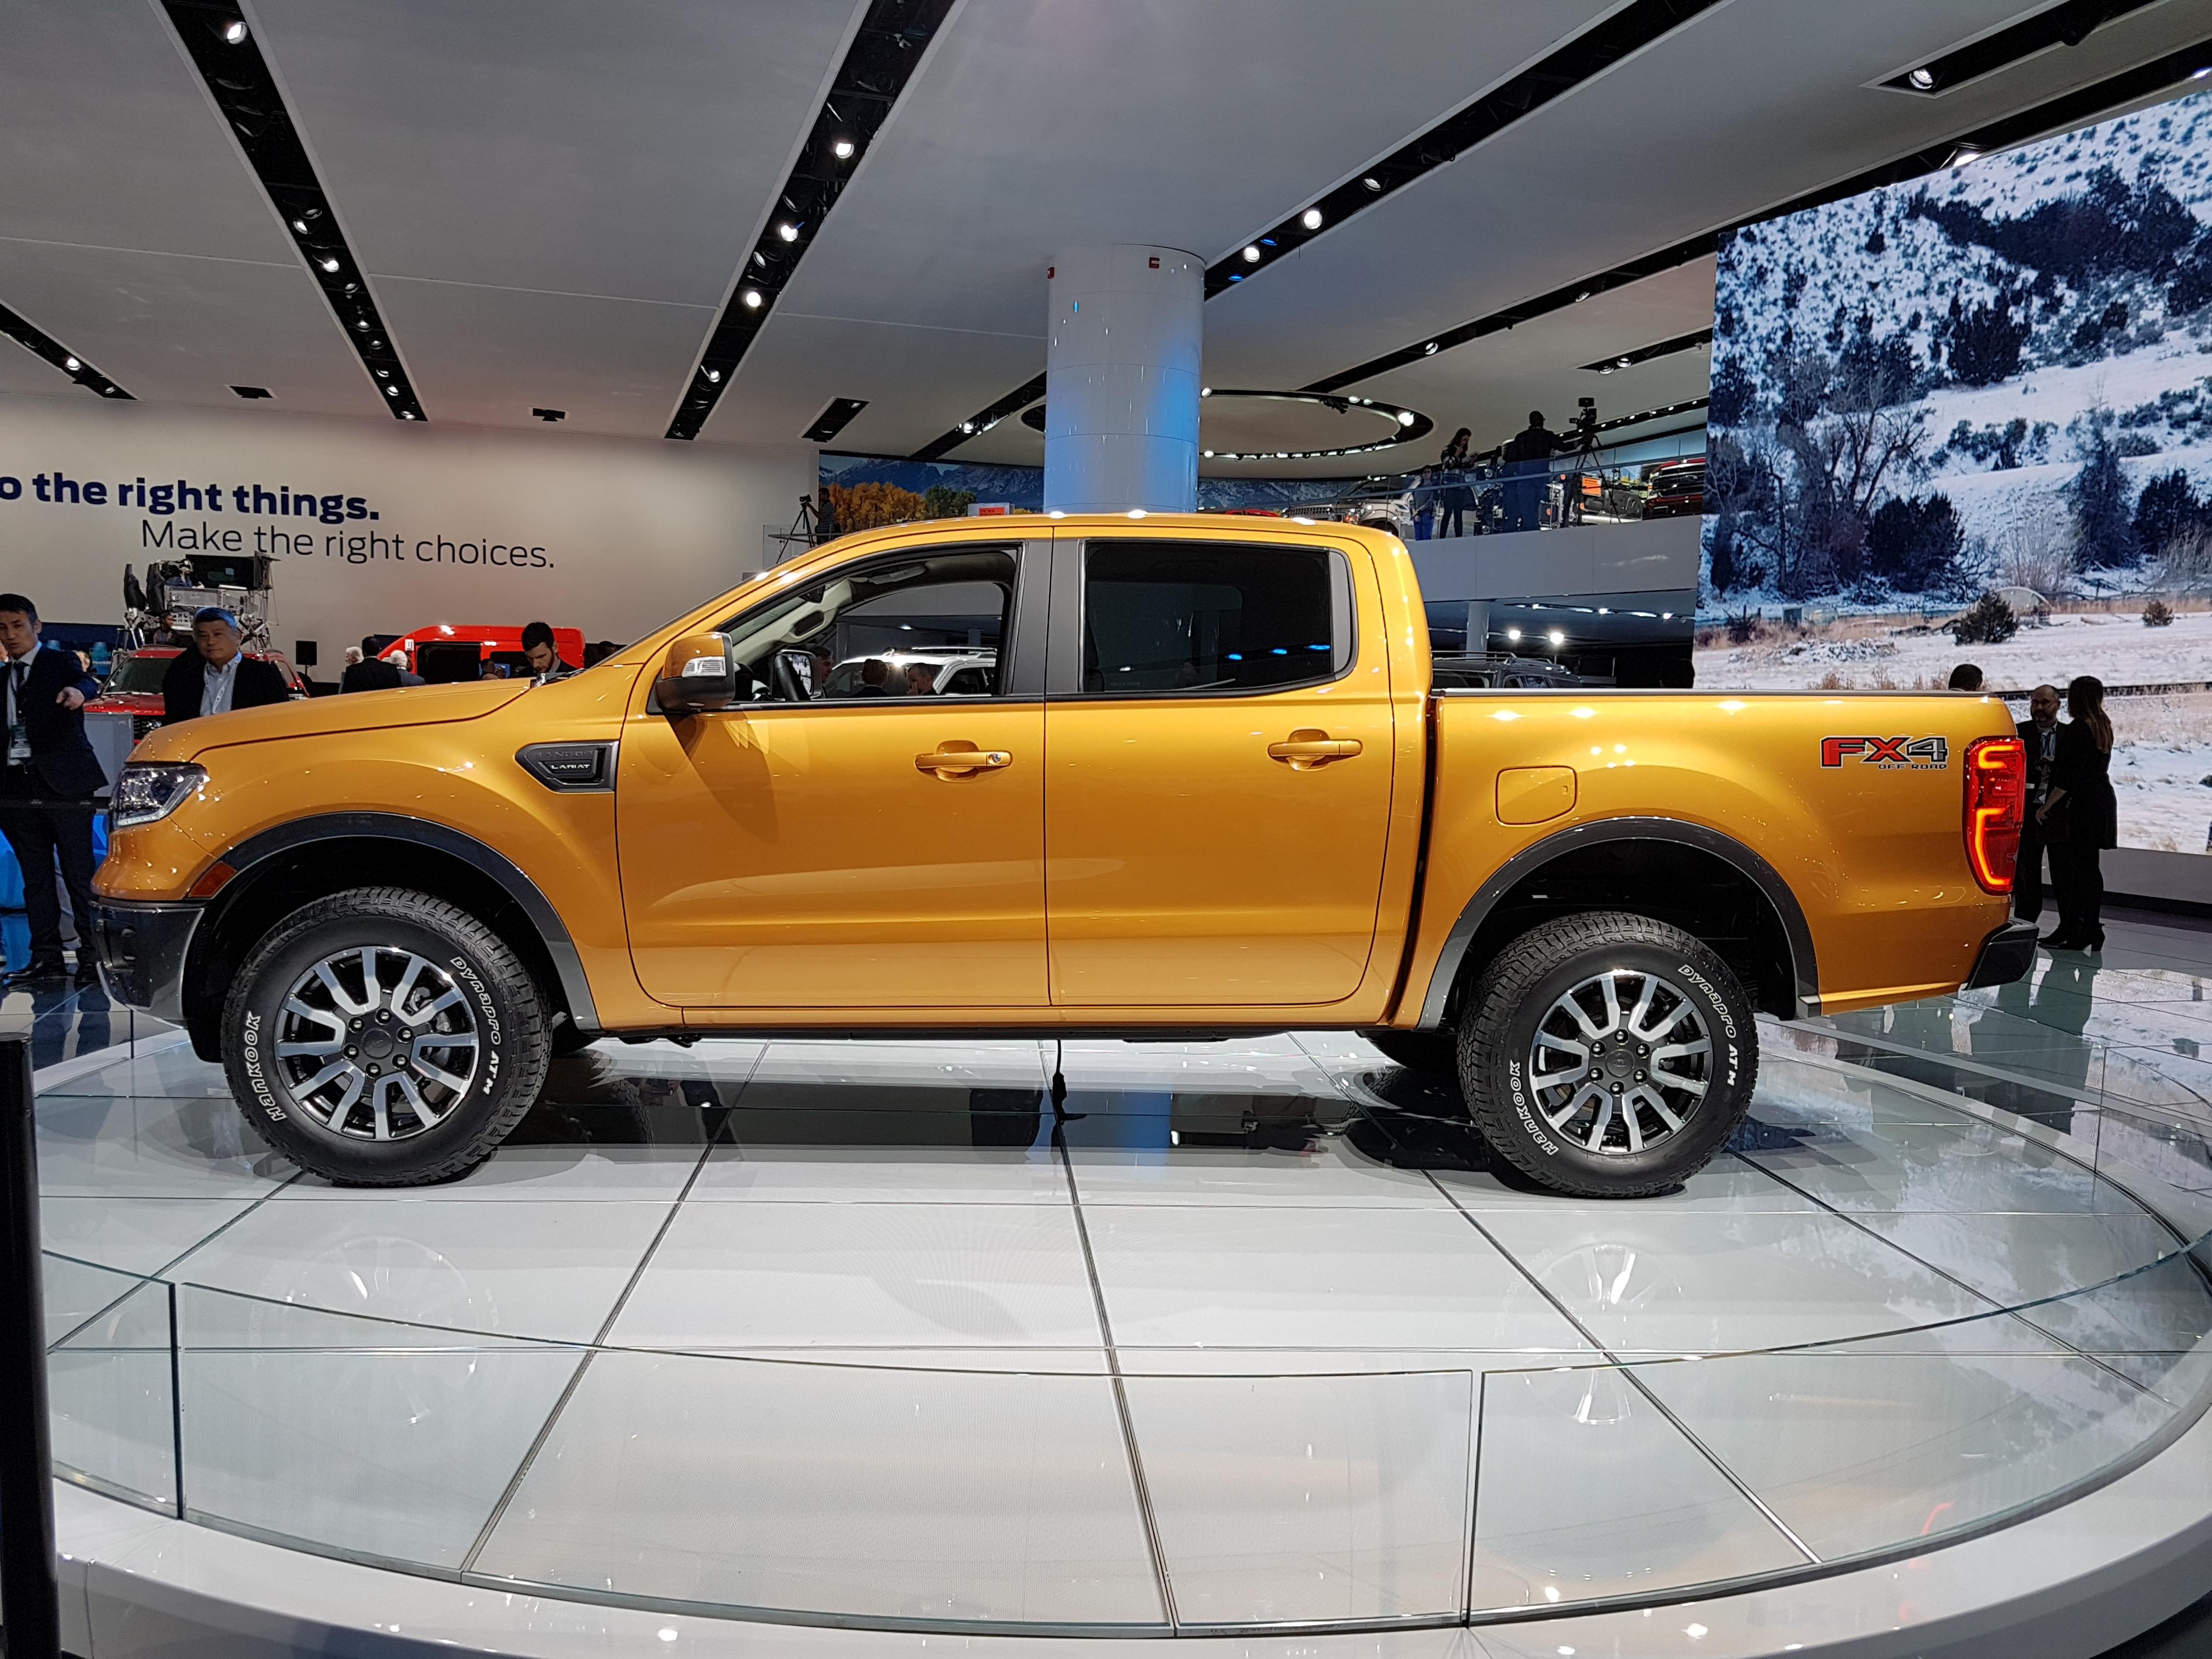 De lado parece a mesma Ranger que temos no Brasil, mas com molduras nas caixas de roda